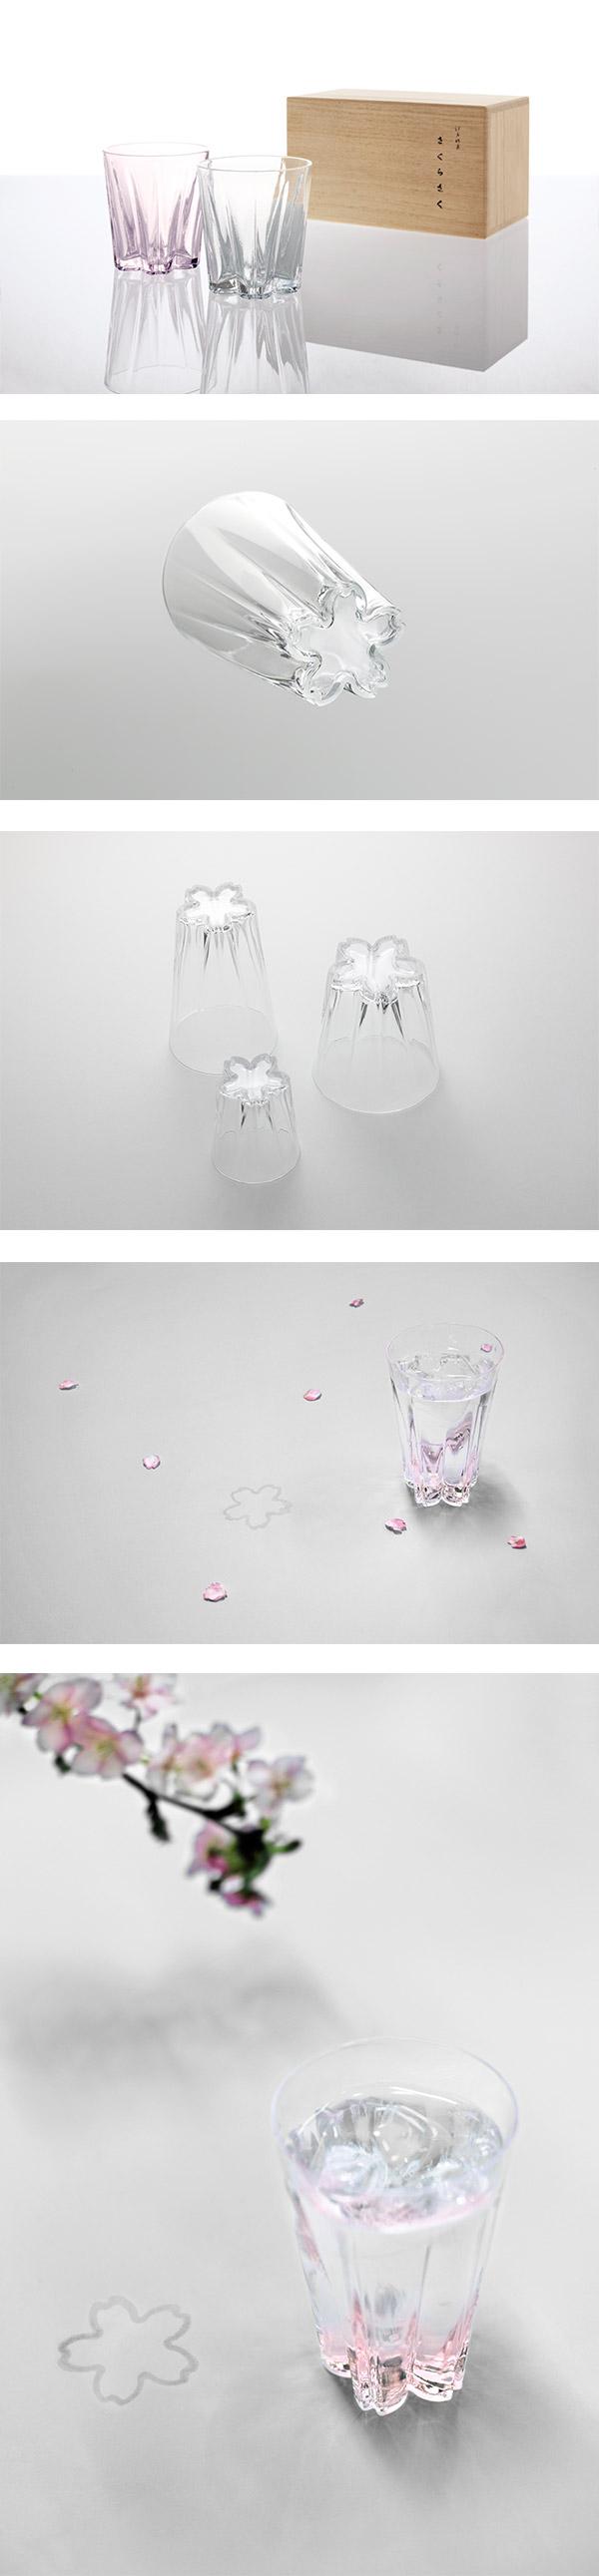 日本 Perrocaliente SAKURASAKU 櫻花杯 雙入同款同色 威士忌杯 透明